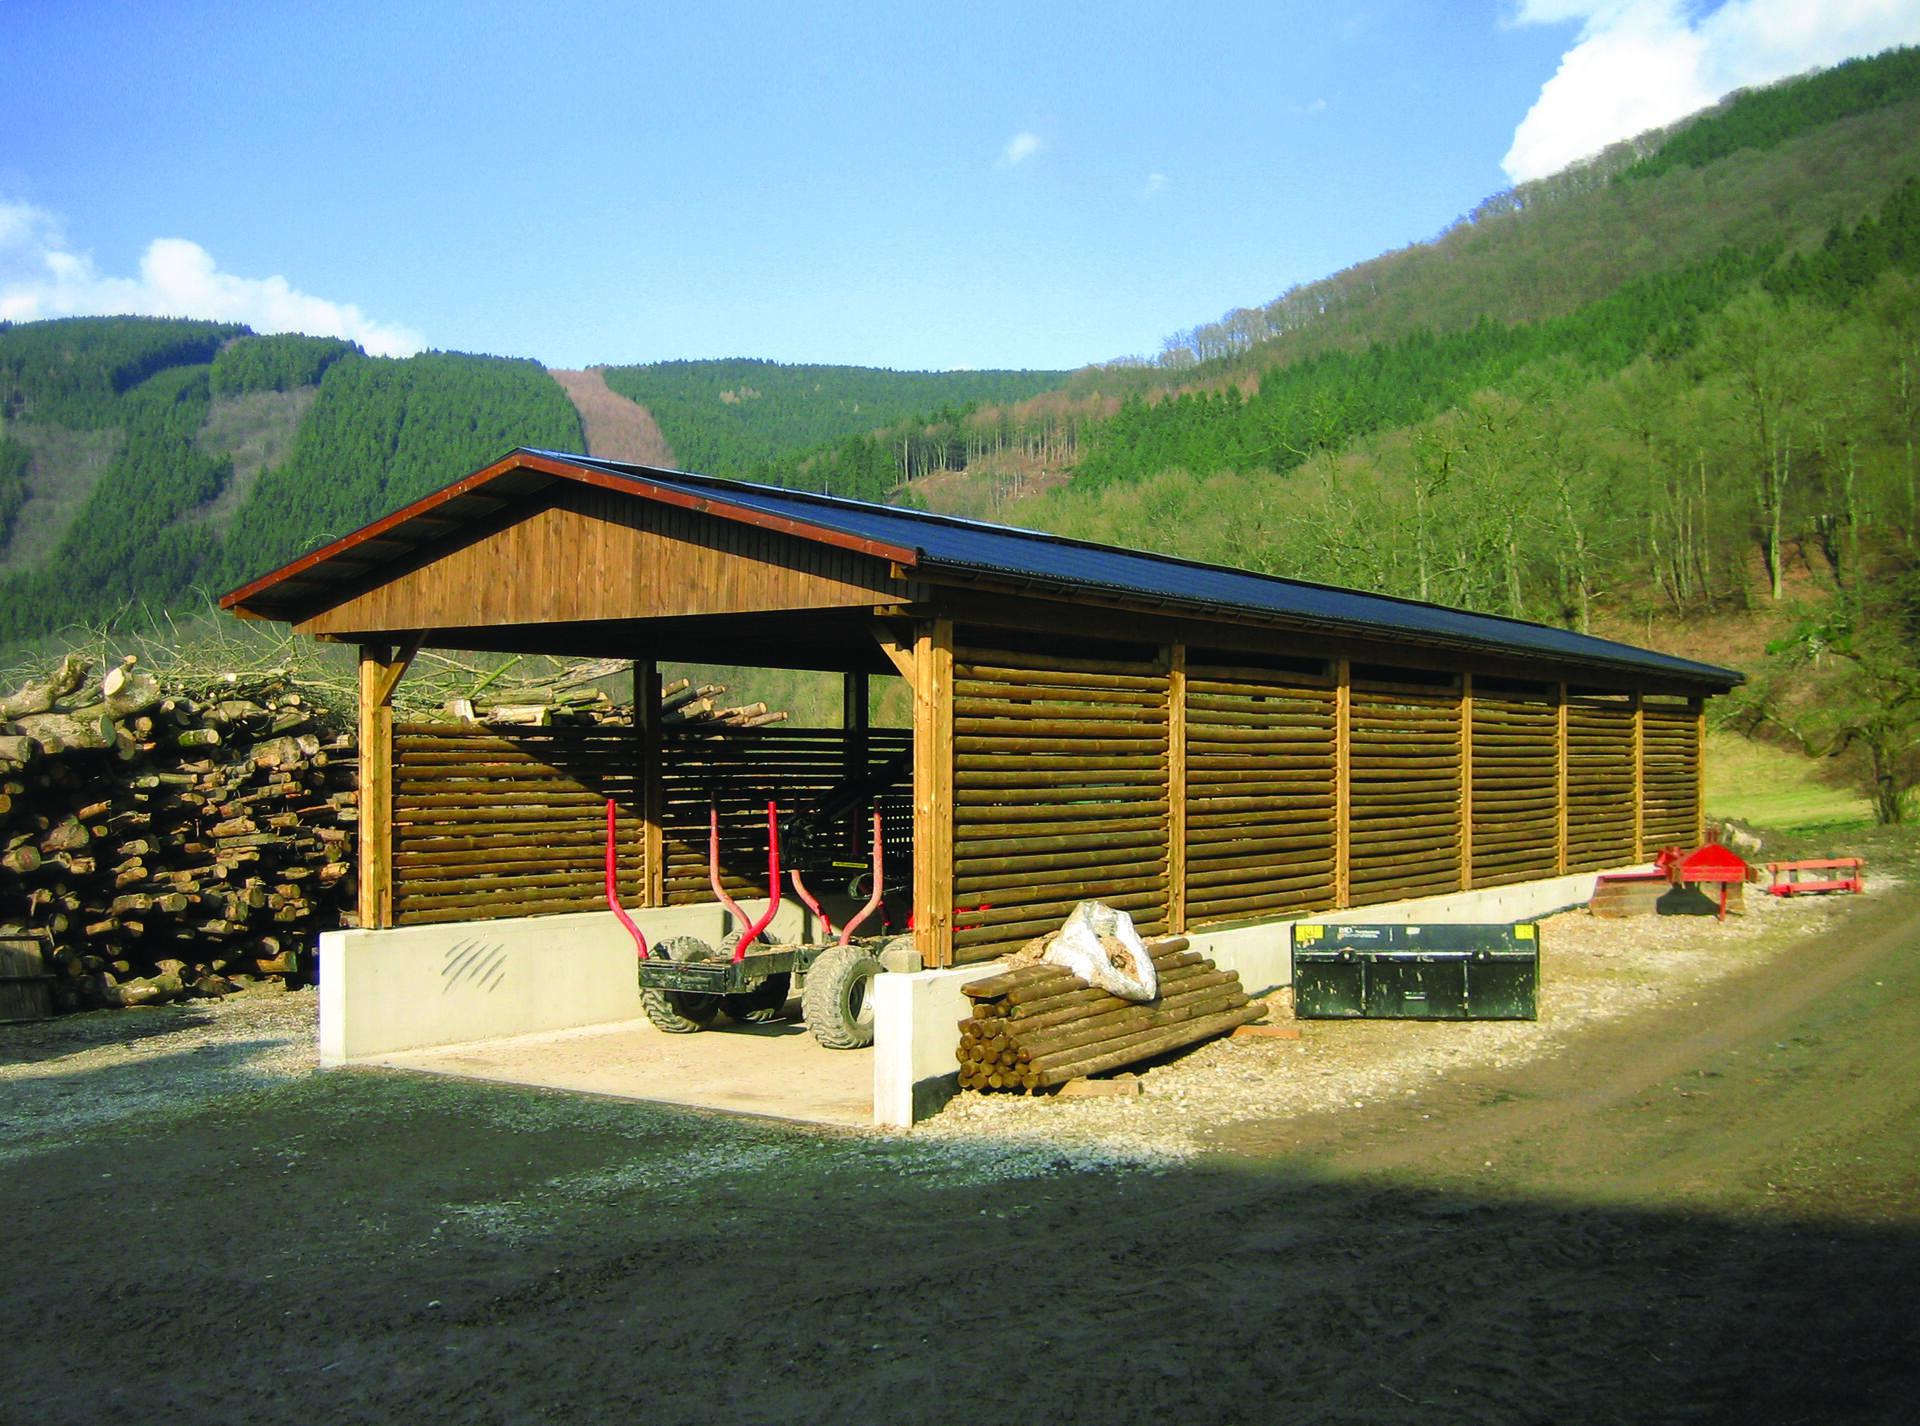 Sondercarport mit Satteldach gentutzt als Spänebunker für Landwirtschaft